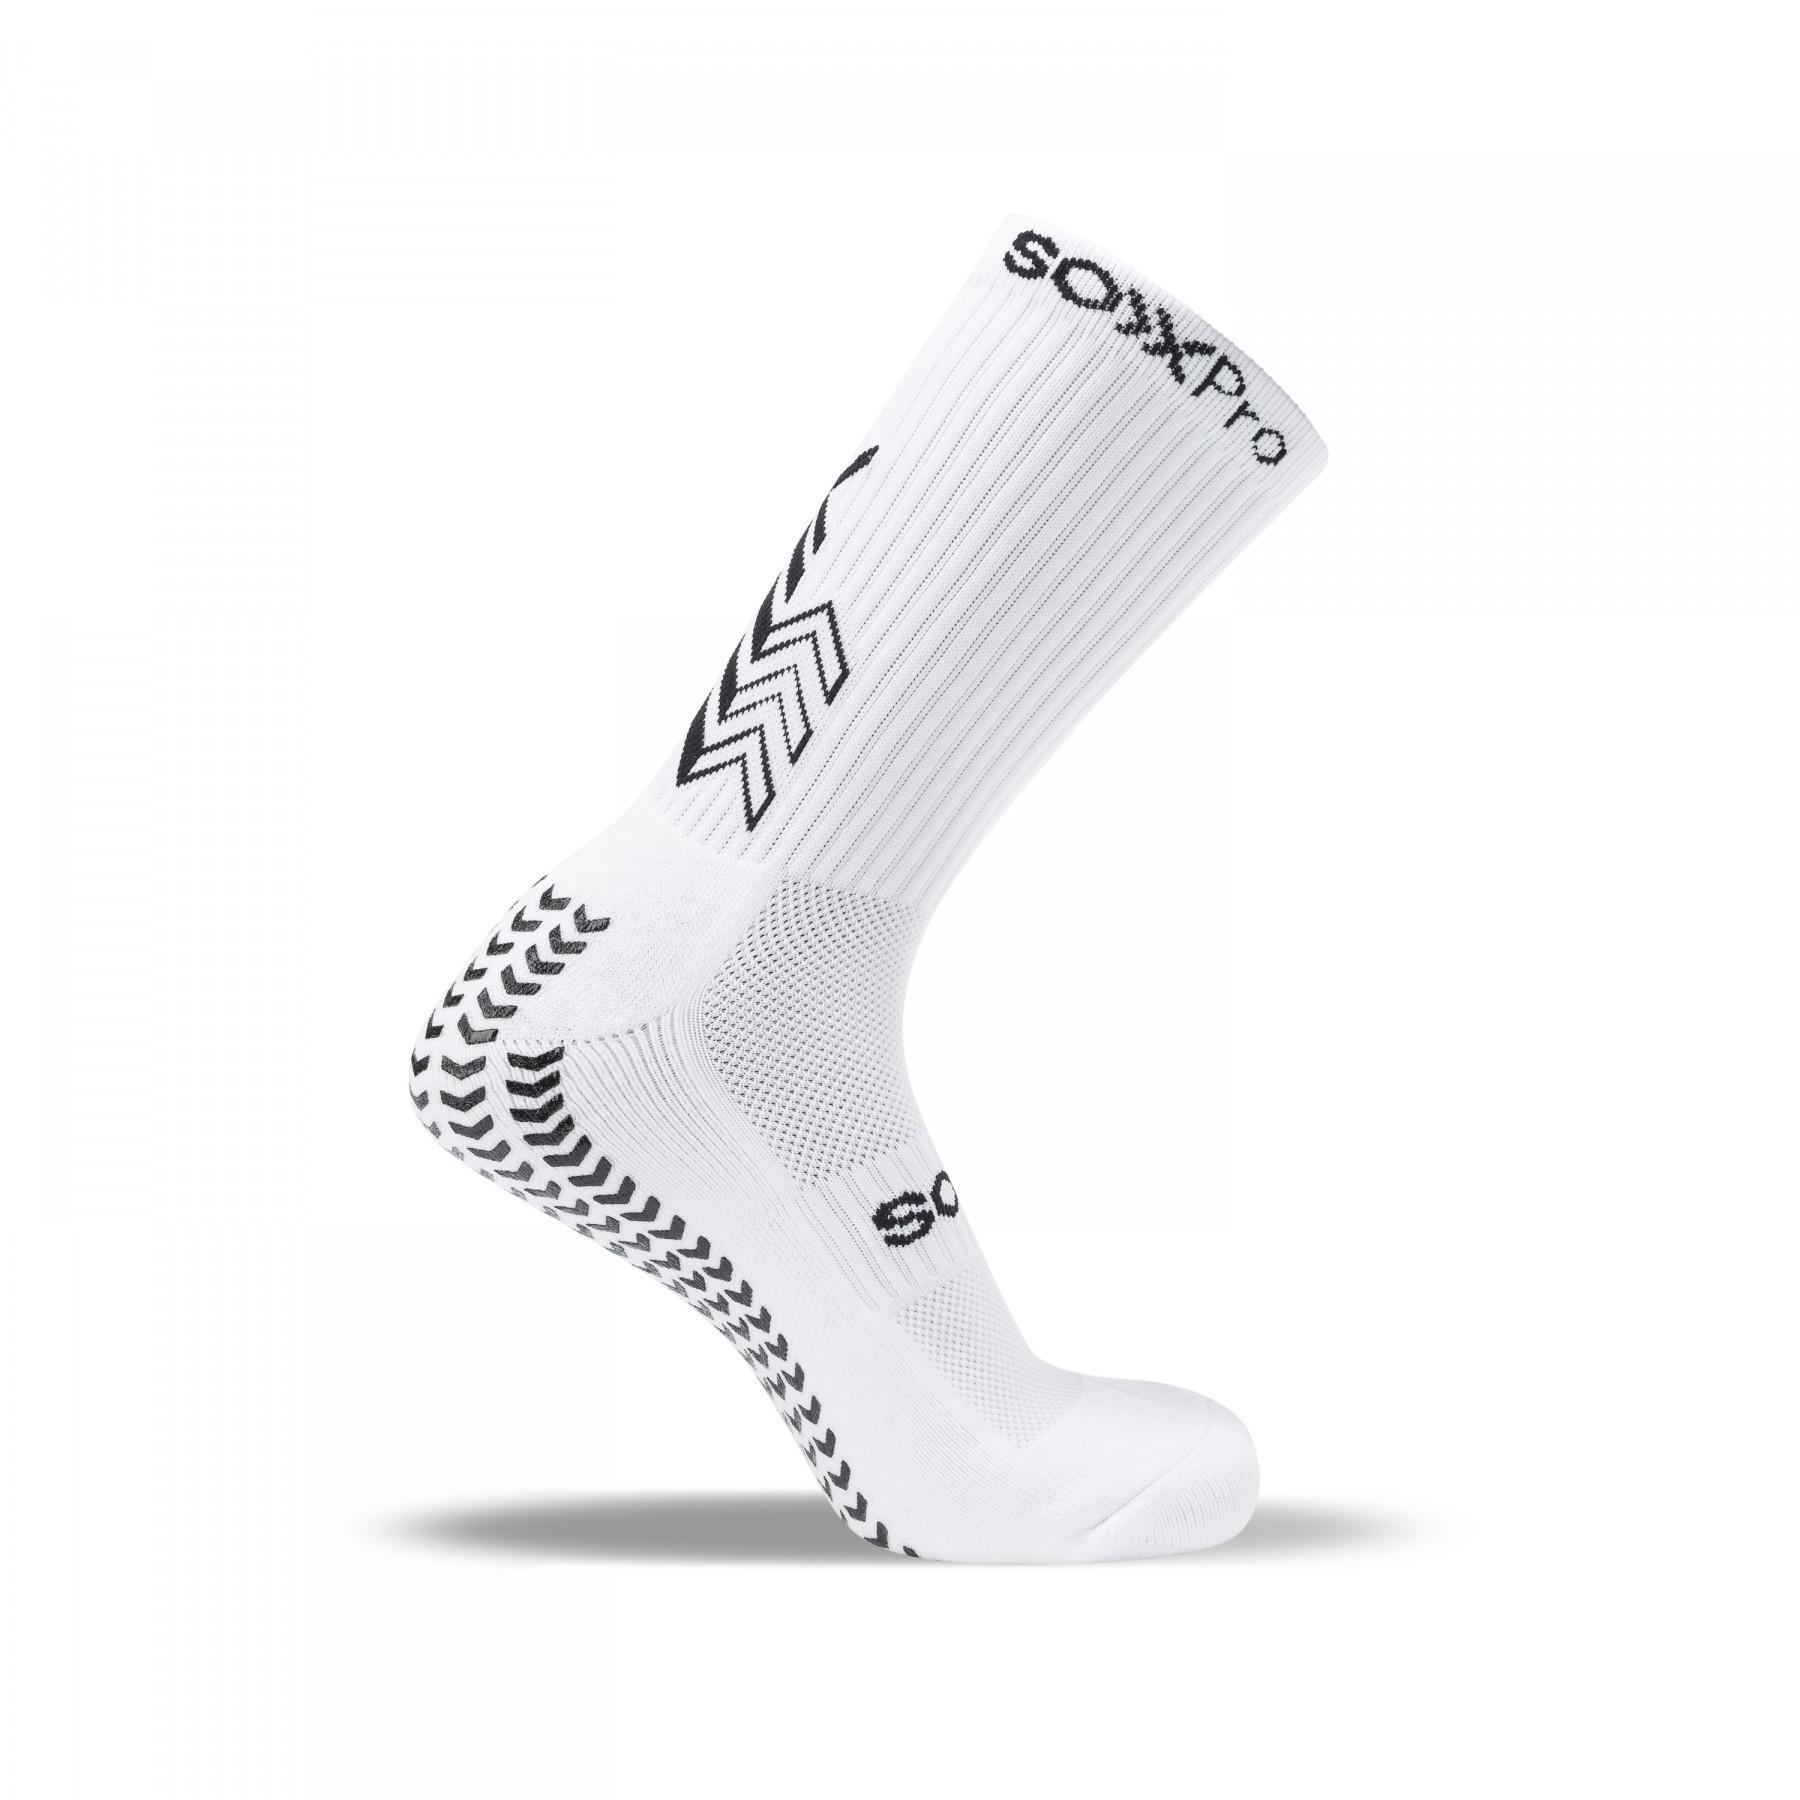 SOXPro Chaussette Grip /& Anti Slip